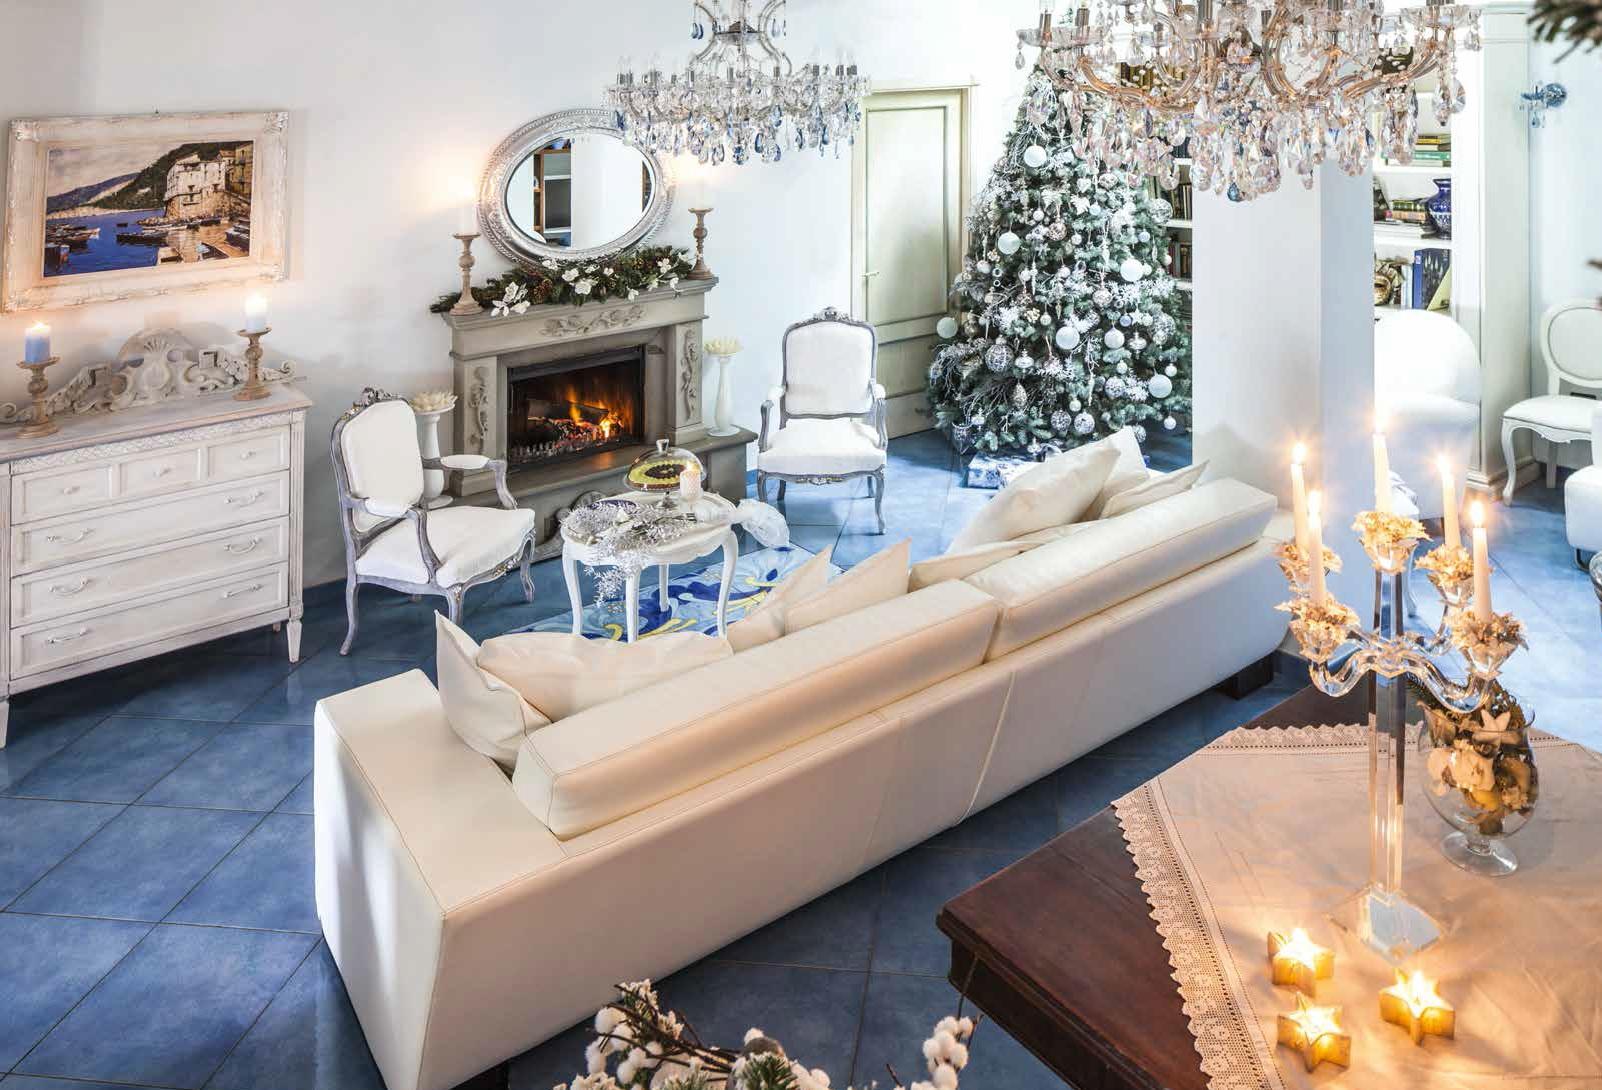 Decorare la casa creativit per le feste ville casali - Decorare casa con candele ...